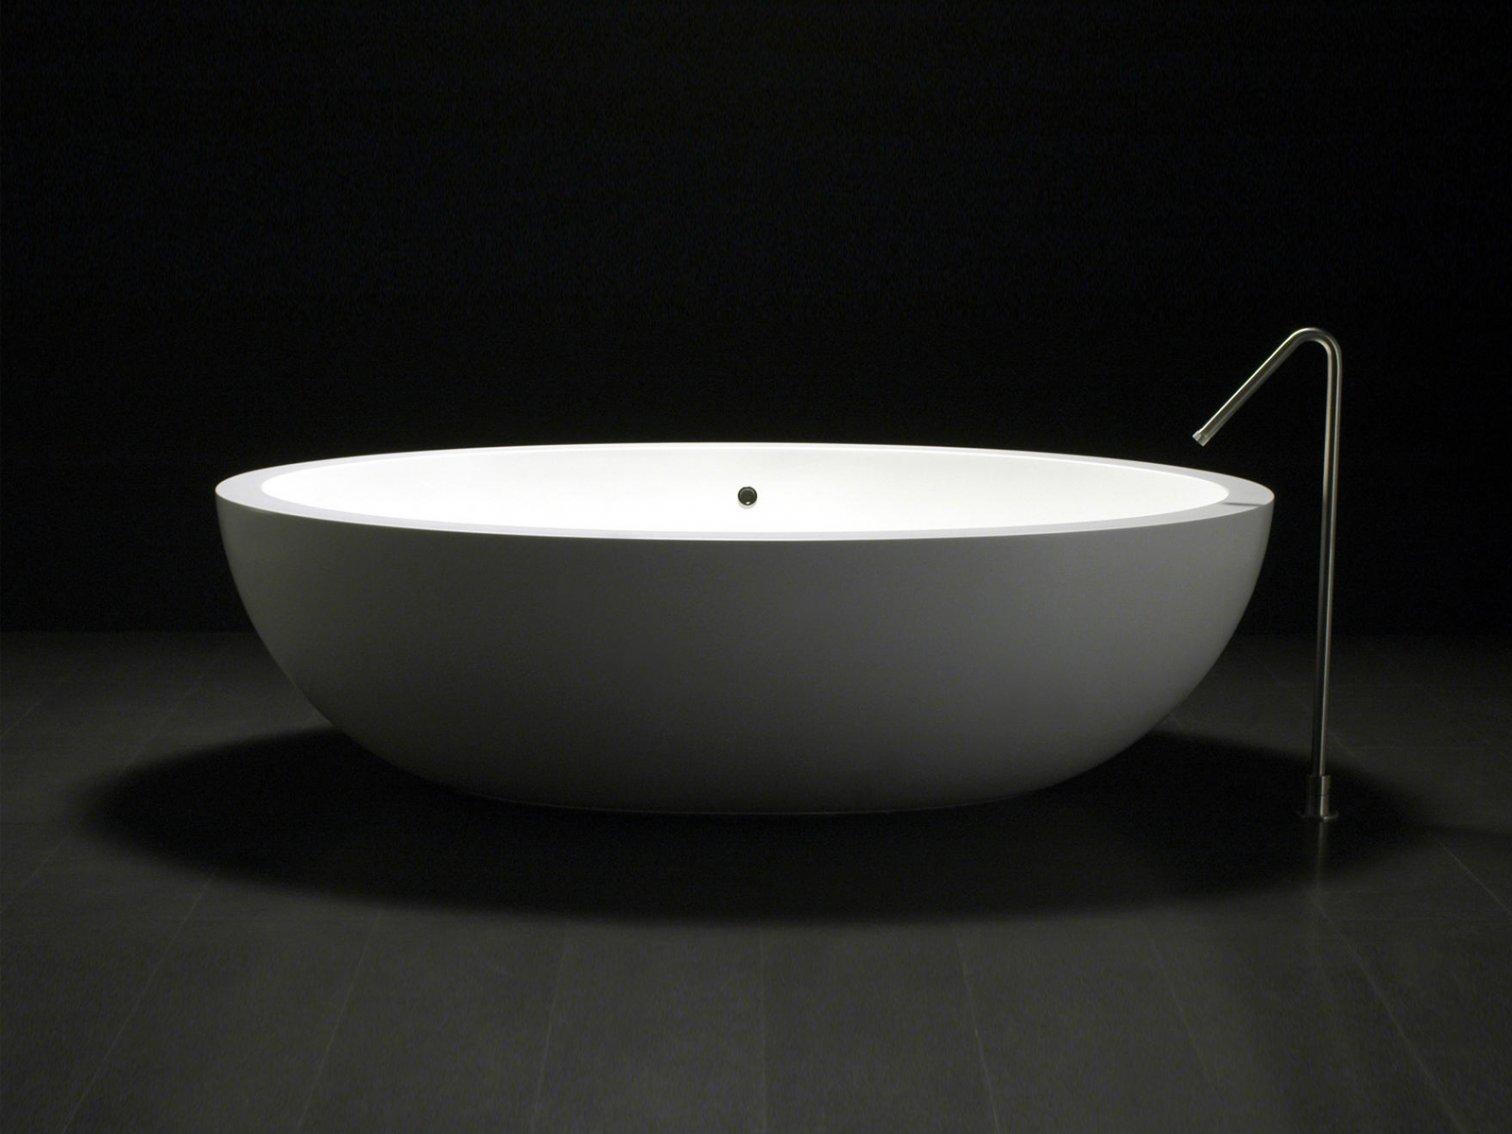 Boffi, Po Bathtub